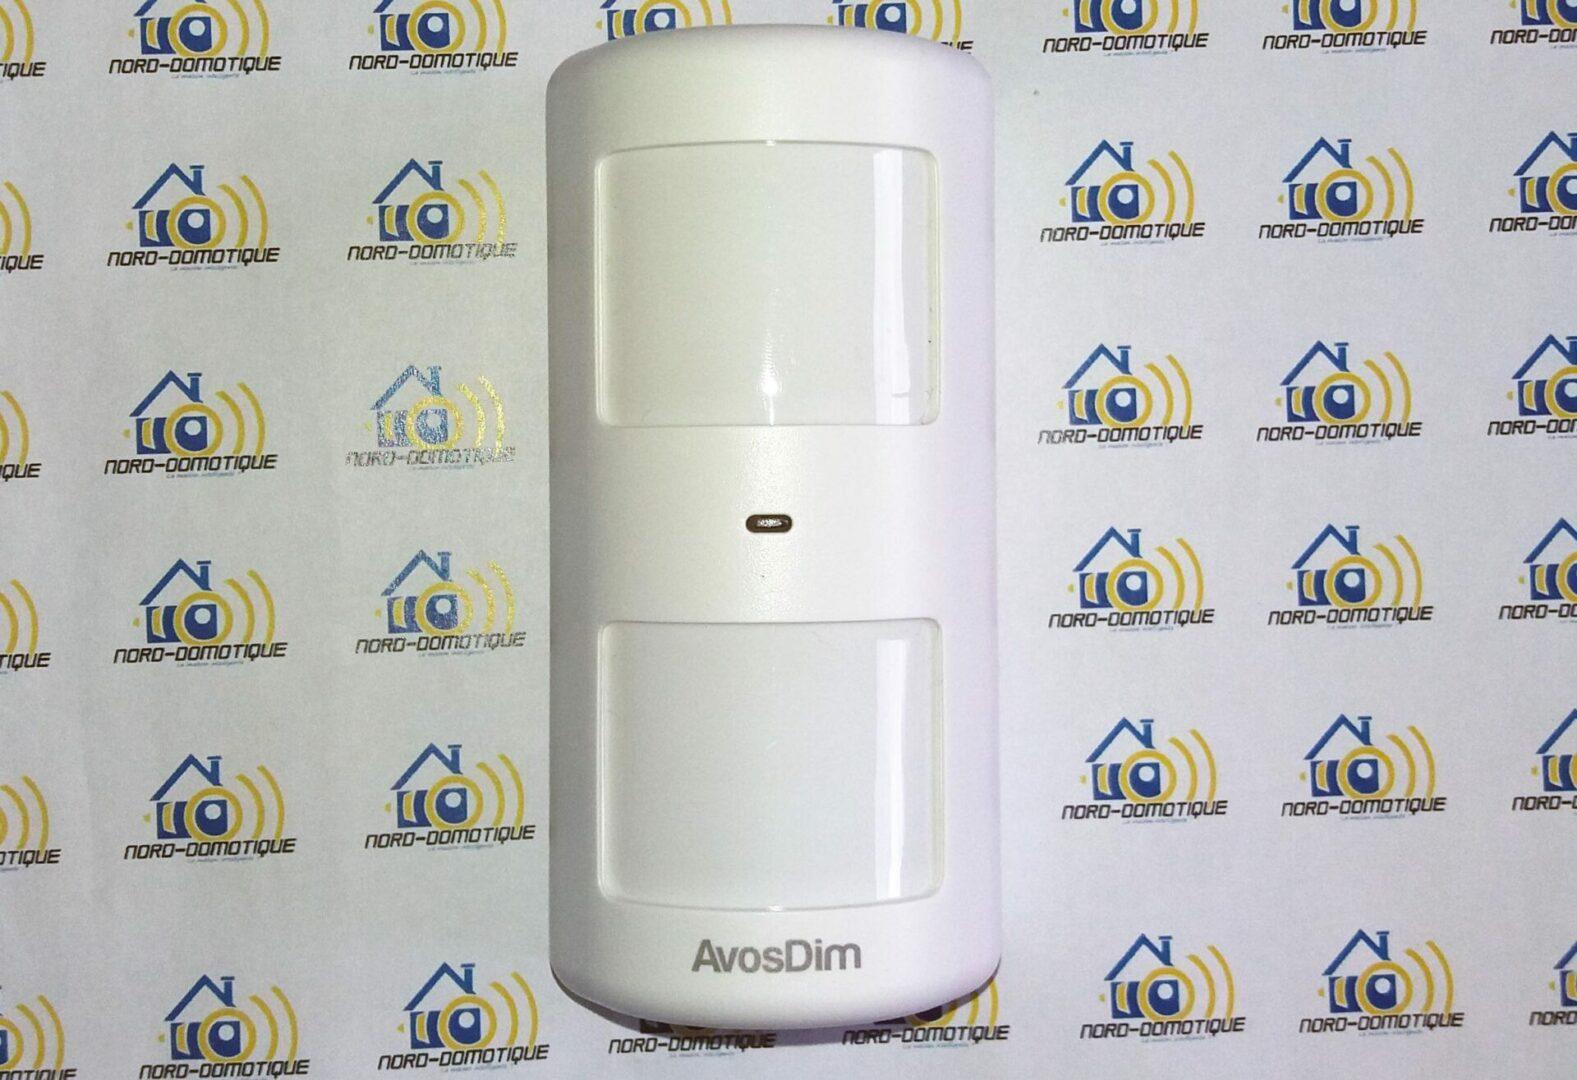 01-2 Découverte des différents détecteurs pour l'alarme Avosdim Serenity